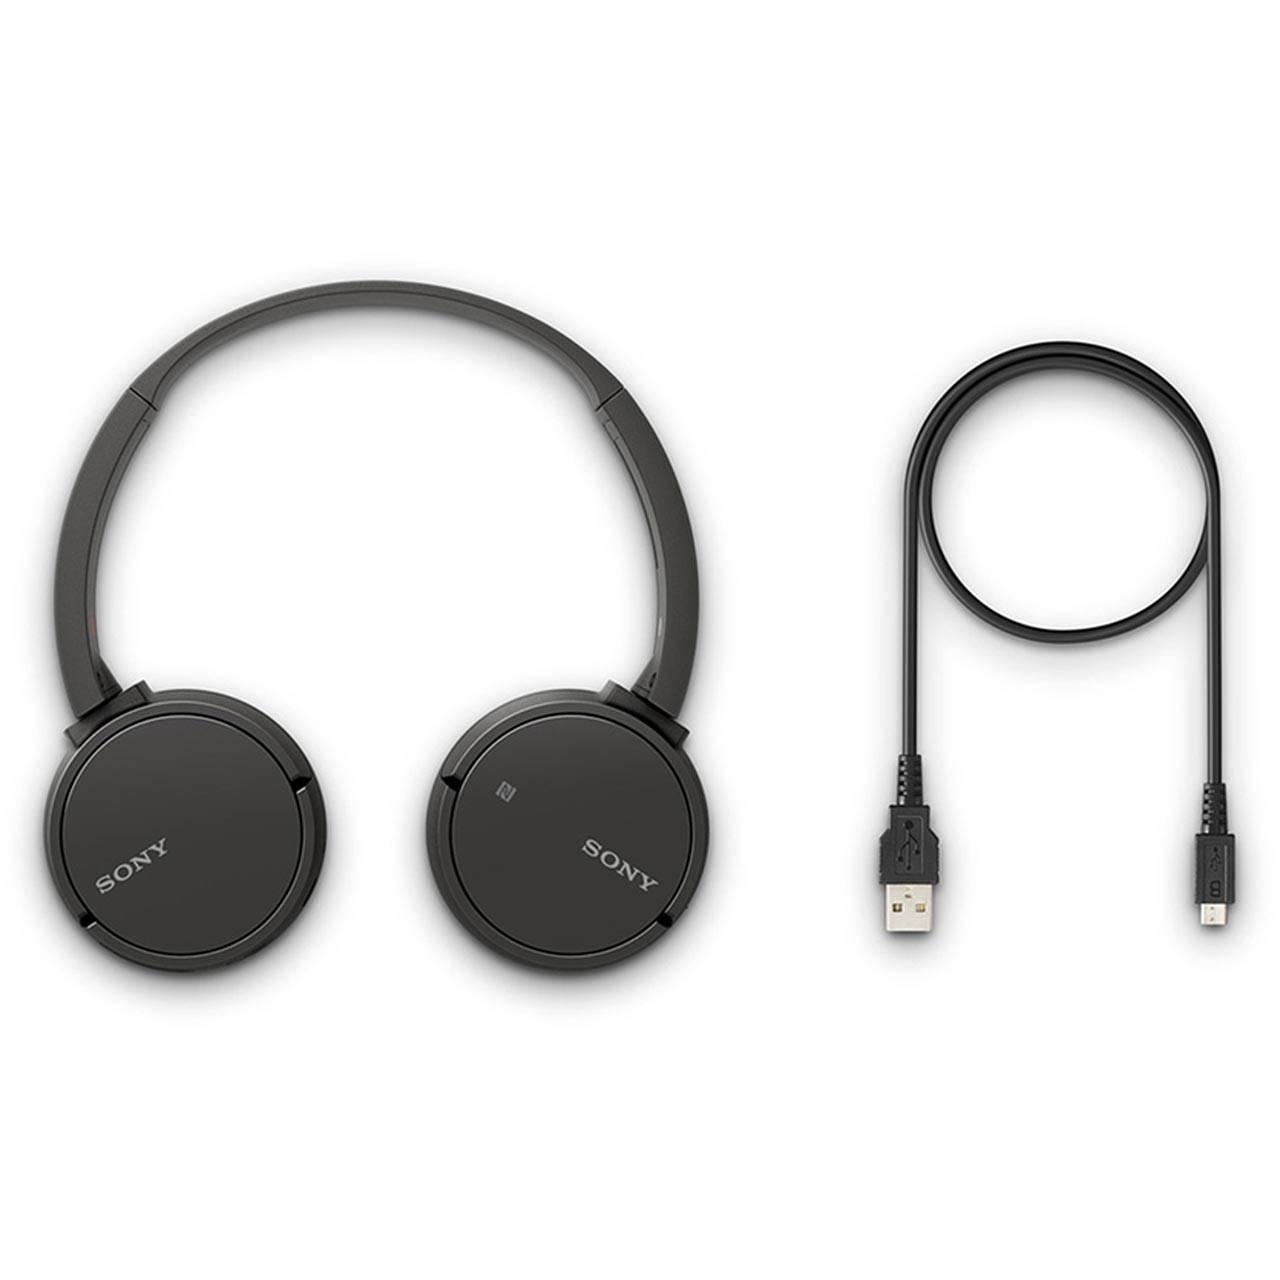 Sony WHCH500B Headphones